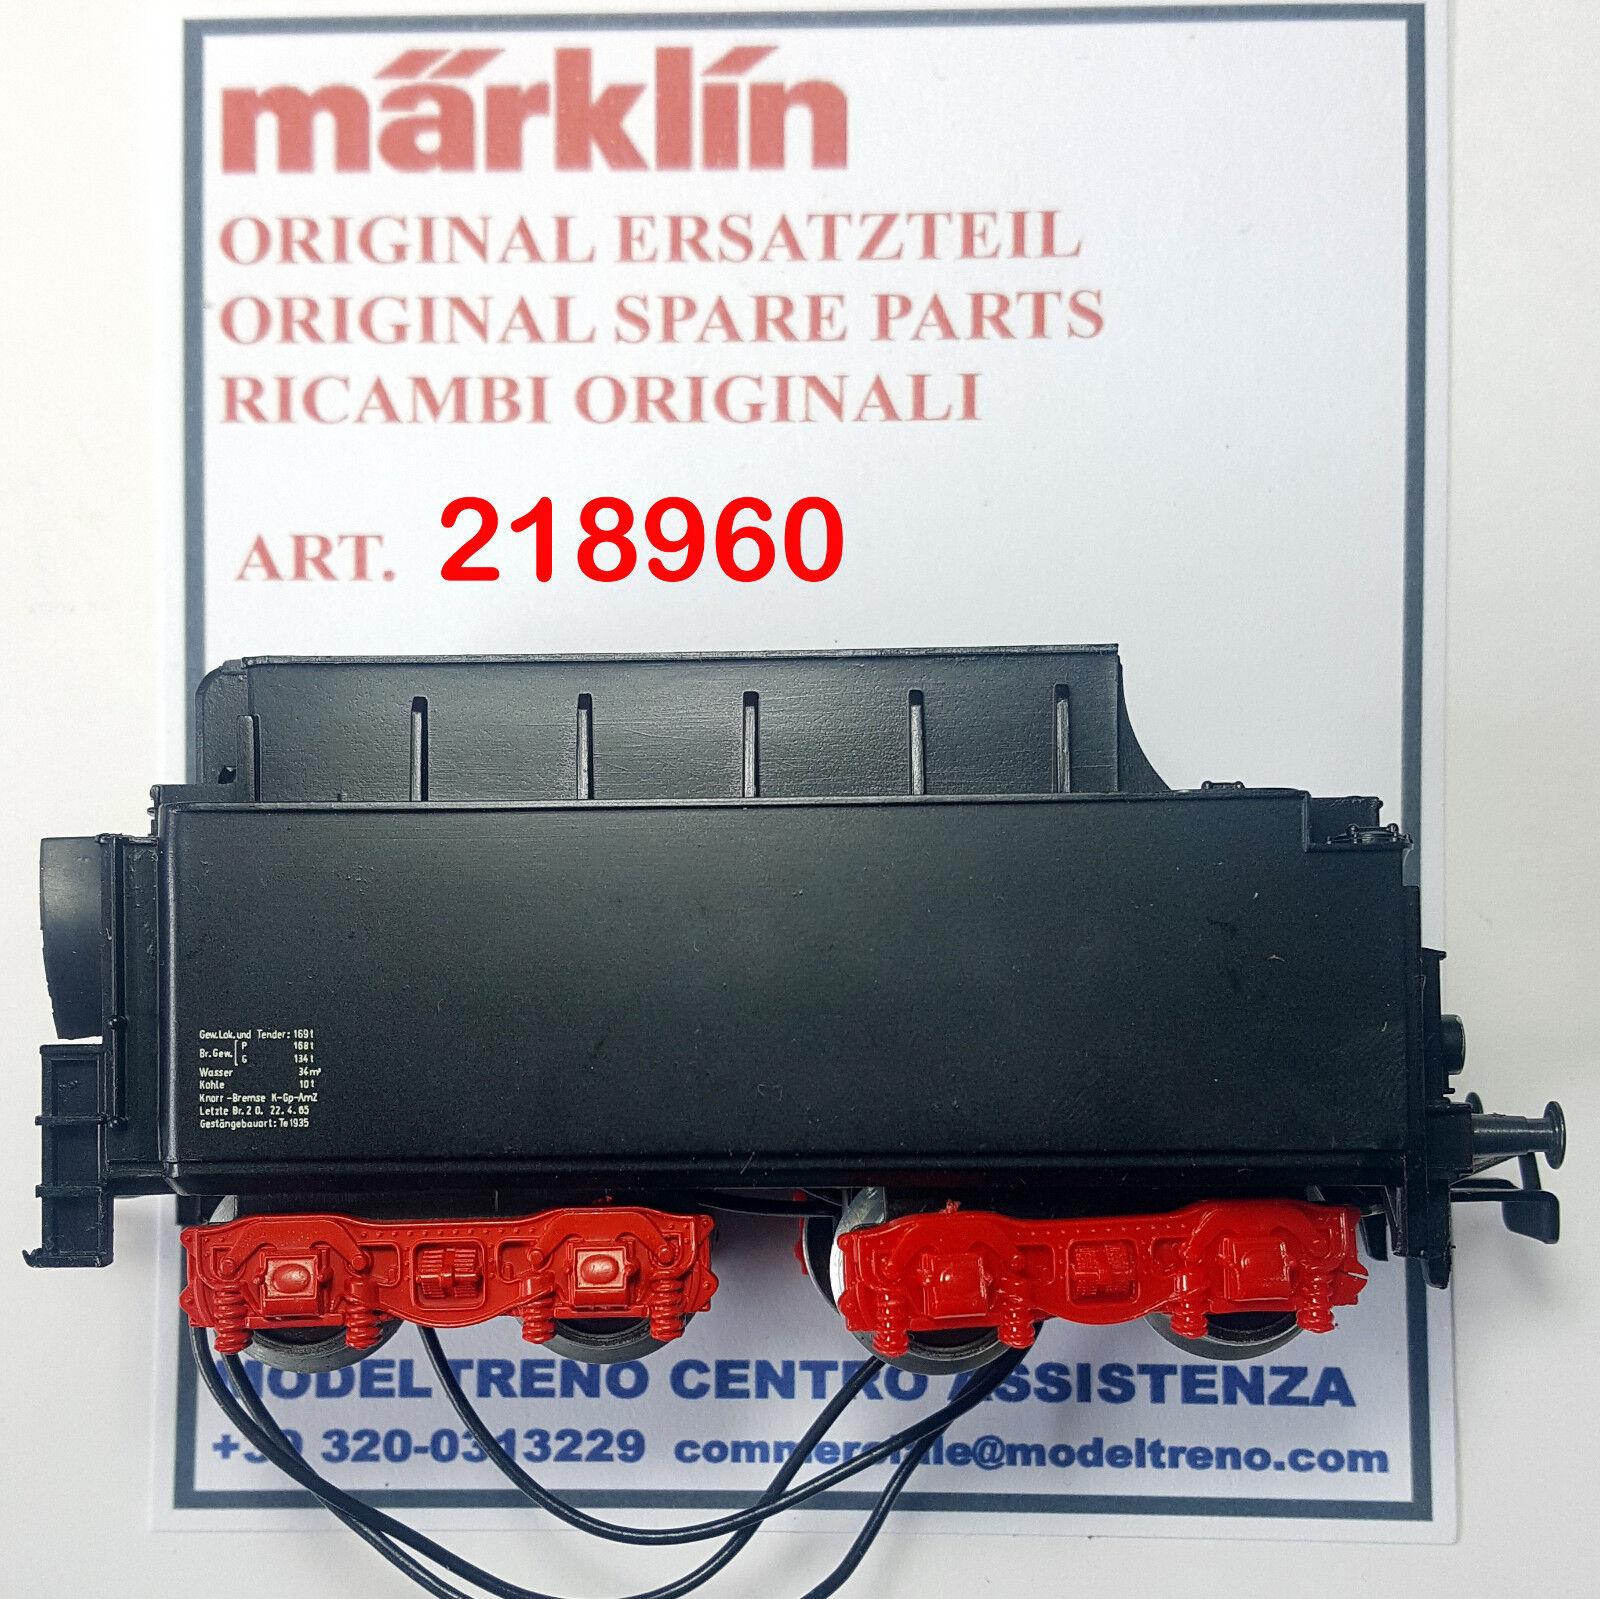 MARKLIN 21896 - 218960  TENDER COMPLETO - TENDER KOMPL. 3047